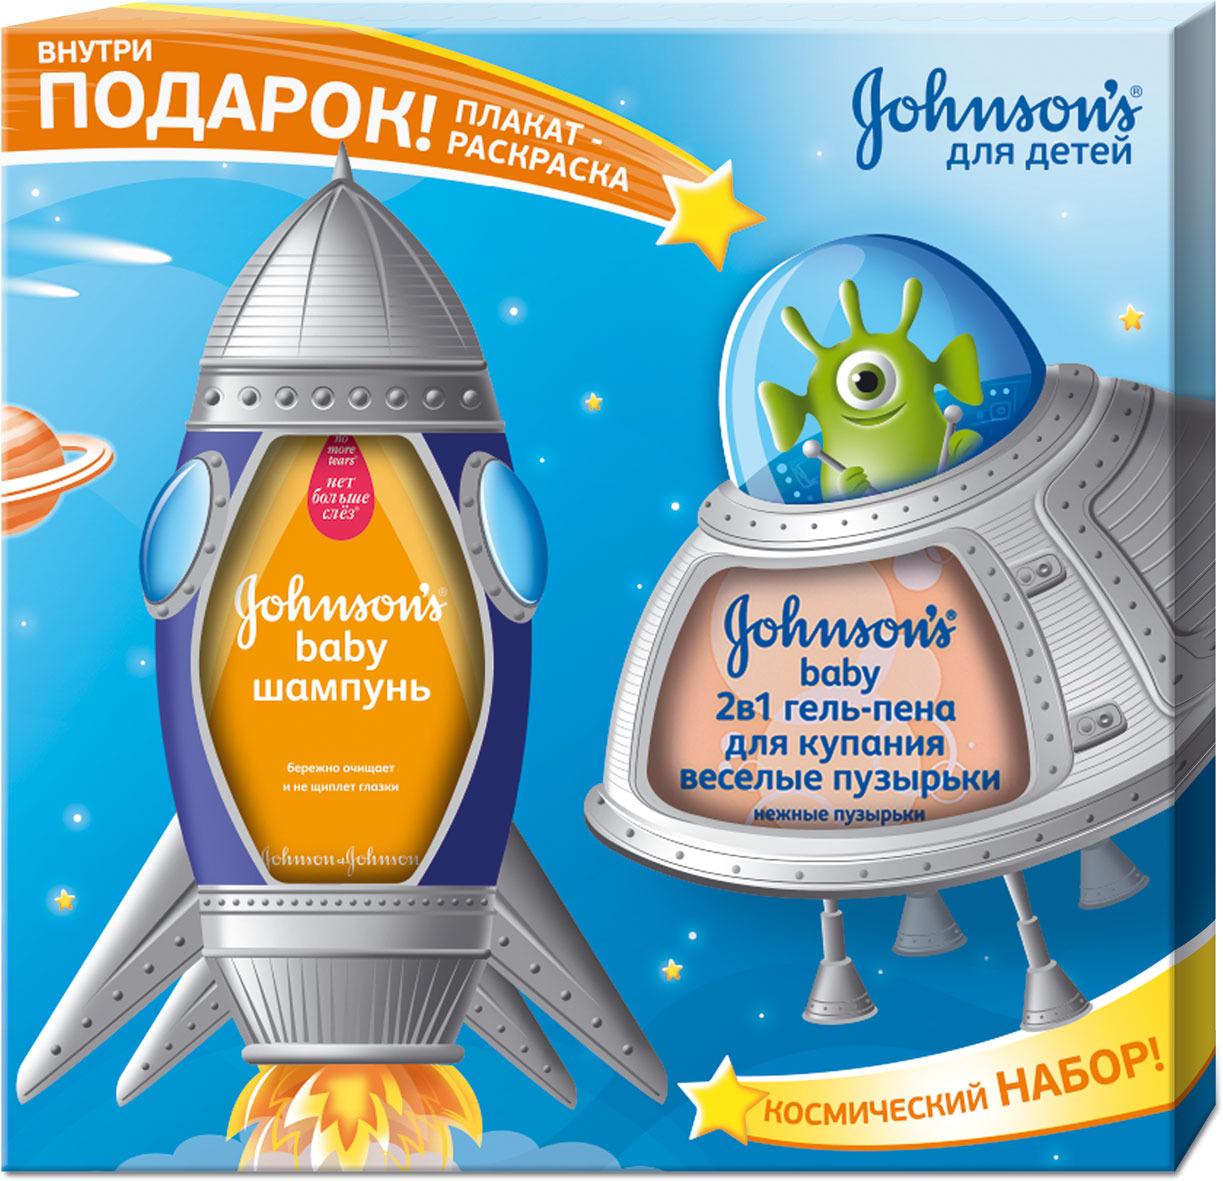 """Подарочный набор для гигиены Johnson's Baby """"Веселые пузырьки"""": шампунь для волос, 300 мл, гель-пена для купания 2 в 1, 300 мл"""